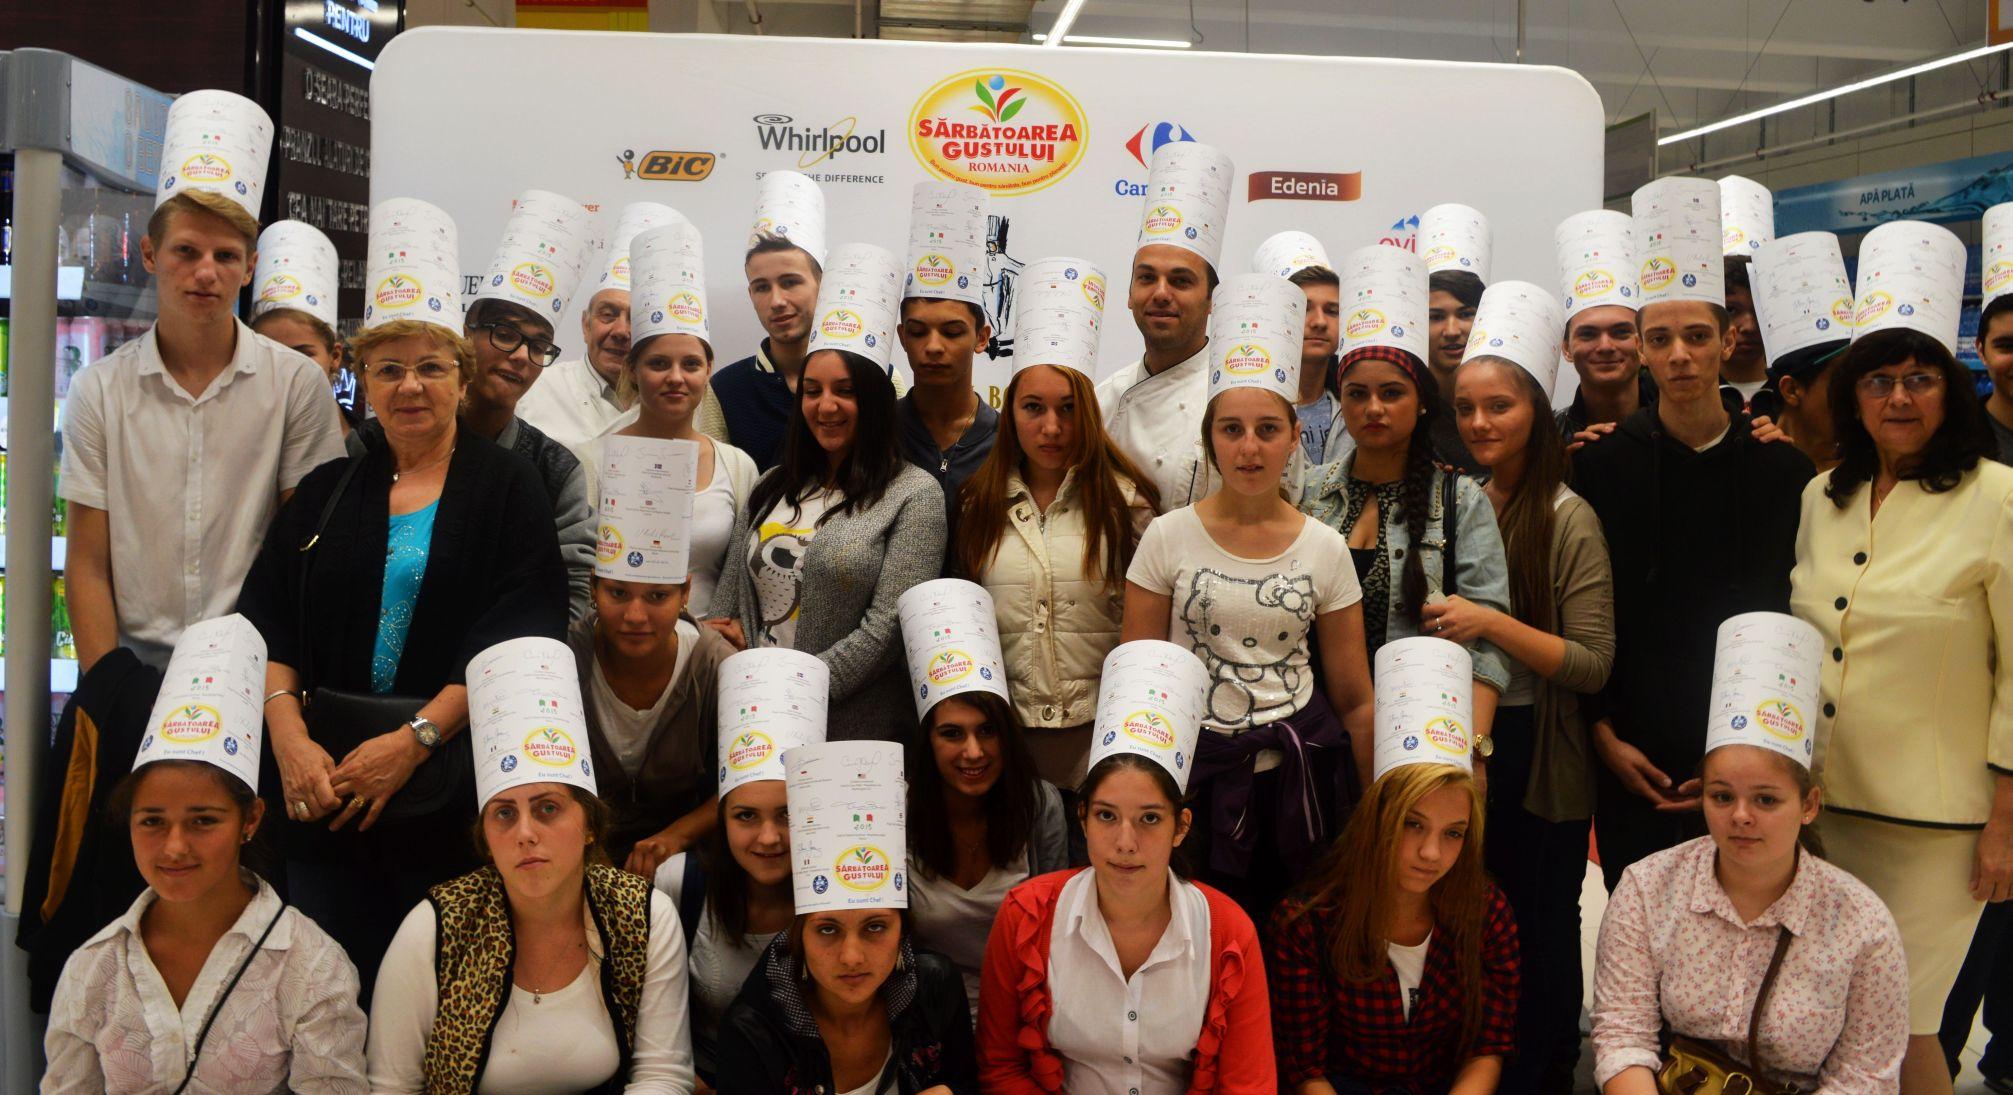 Atelier_Culinar_Sarbatoarea_Gustului_Carrefour_MegaMall_Atelier_Educational_001